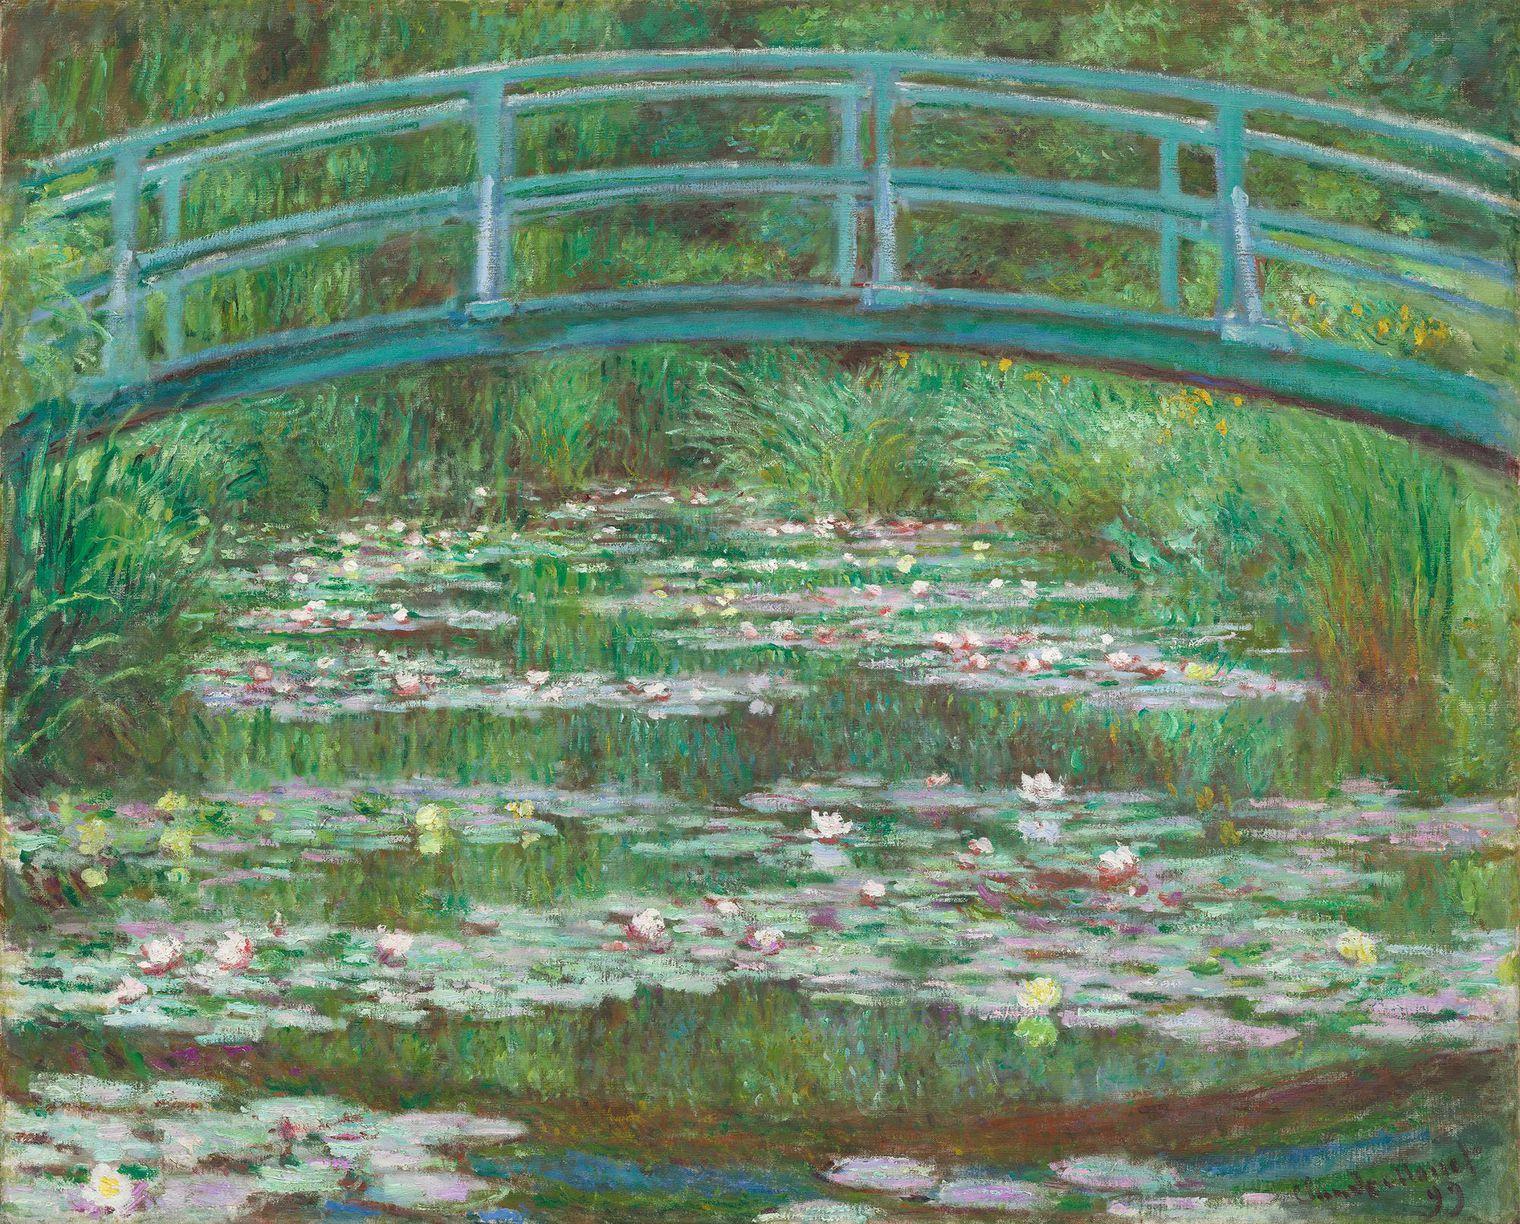 Le Pont Japonais, par Claude Monet, 1899.